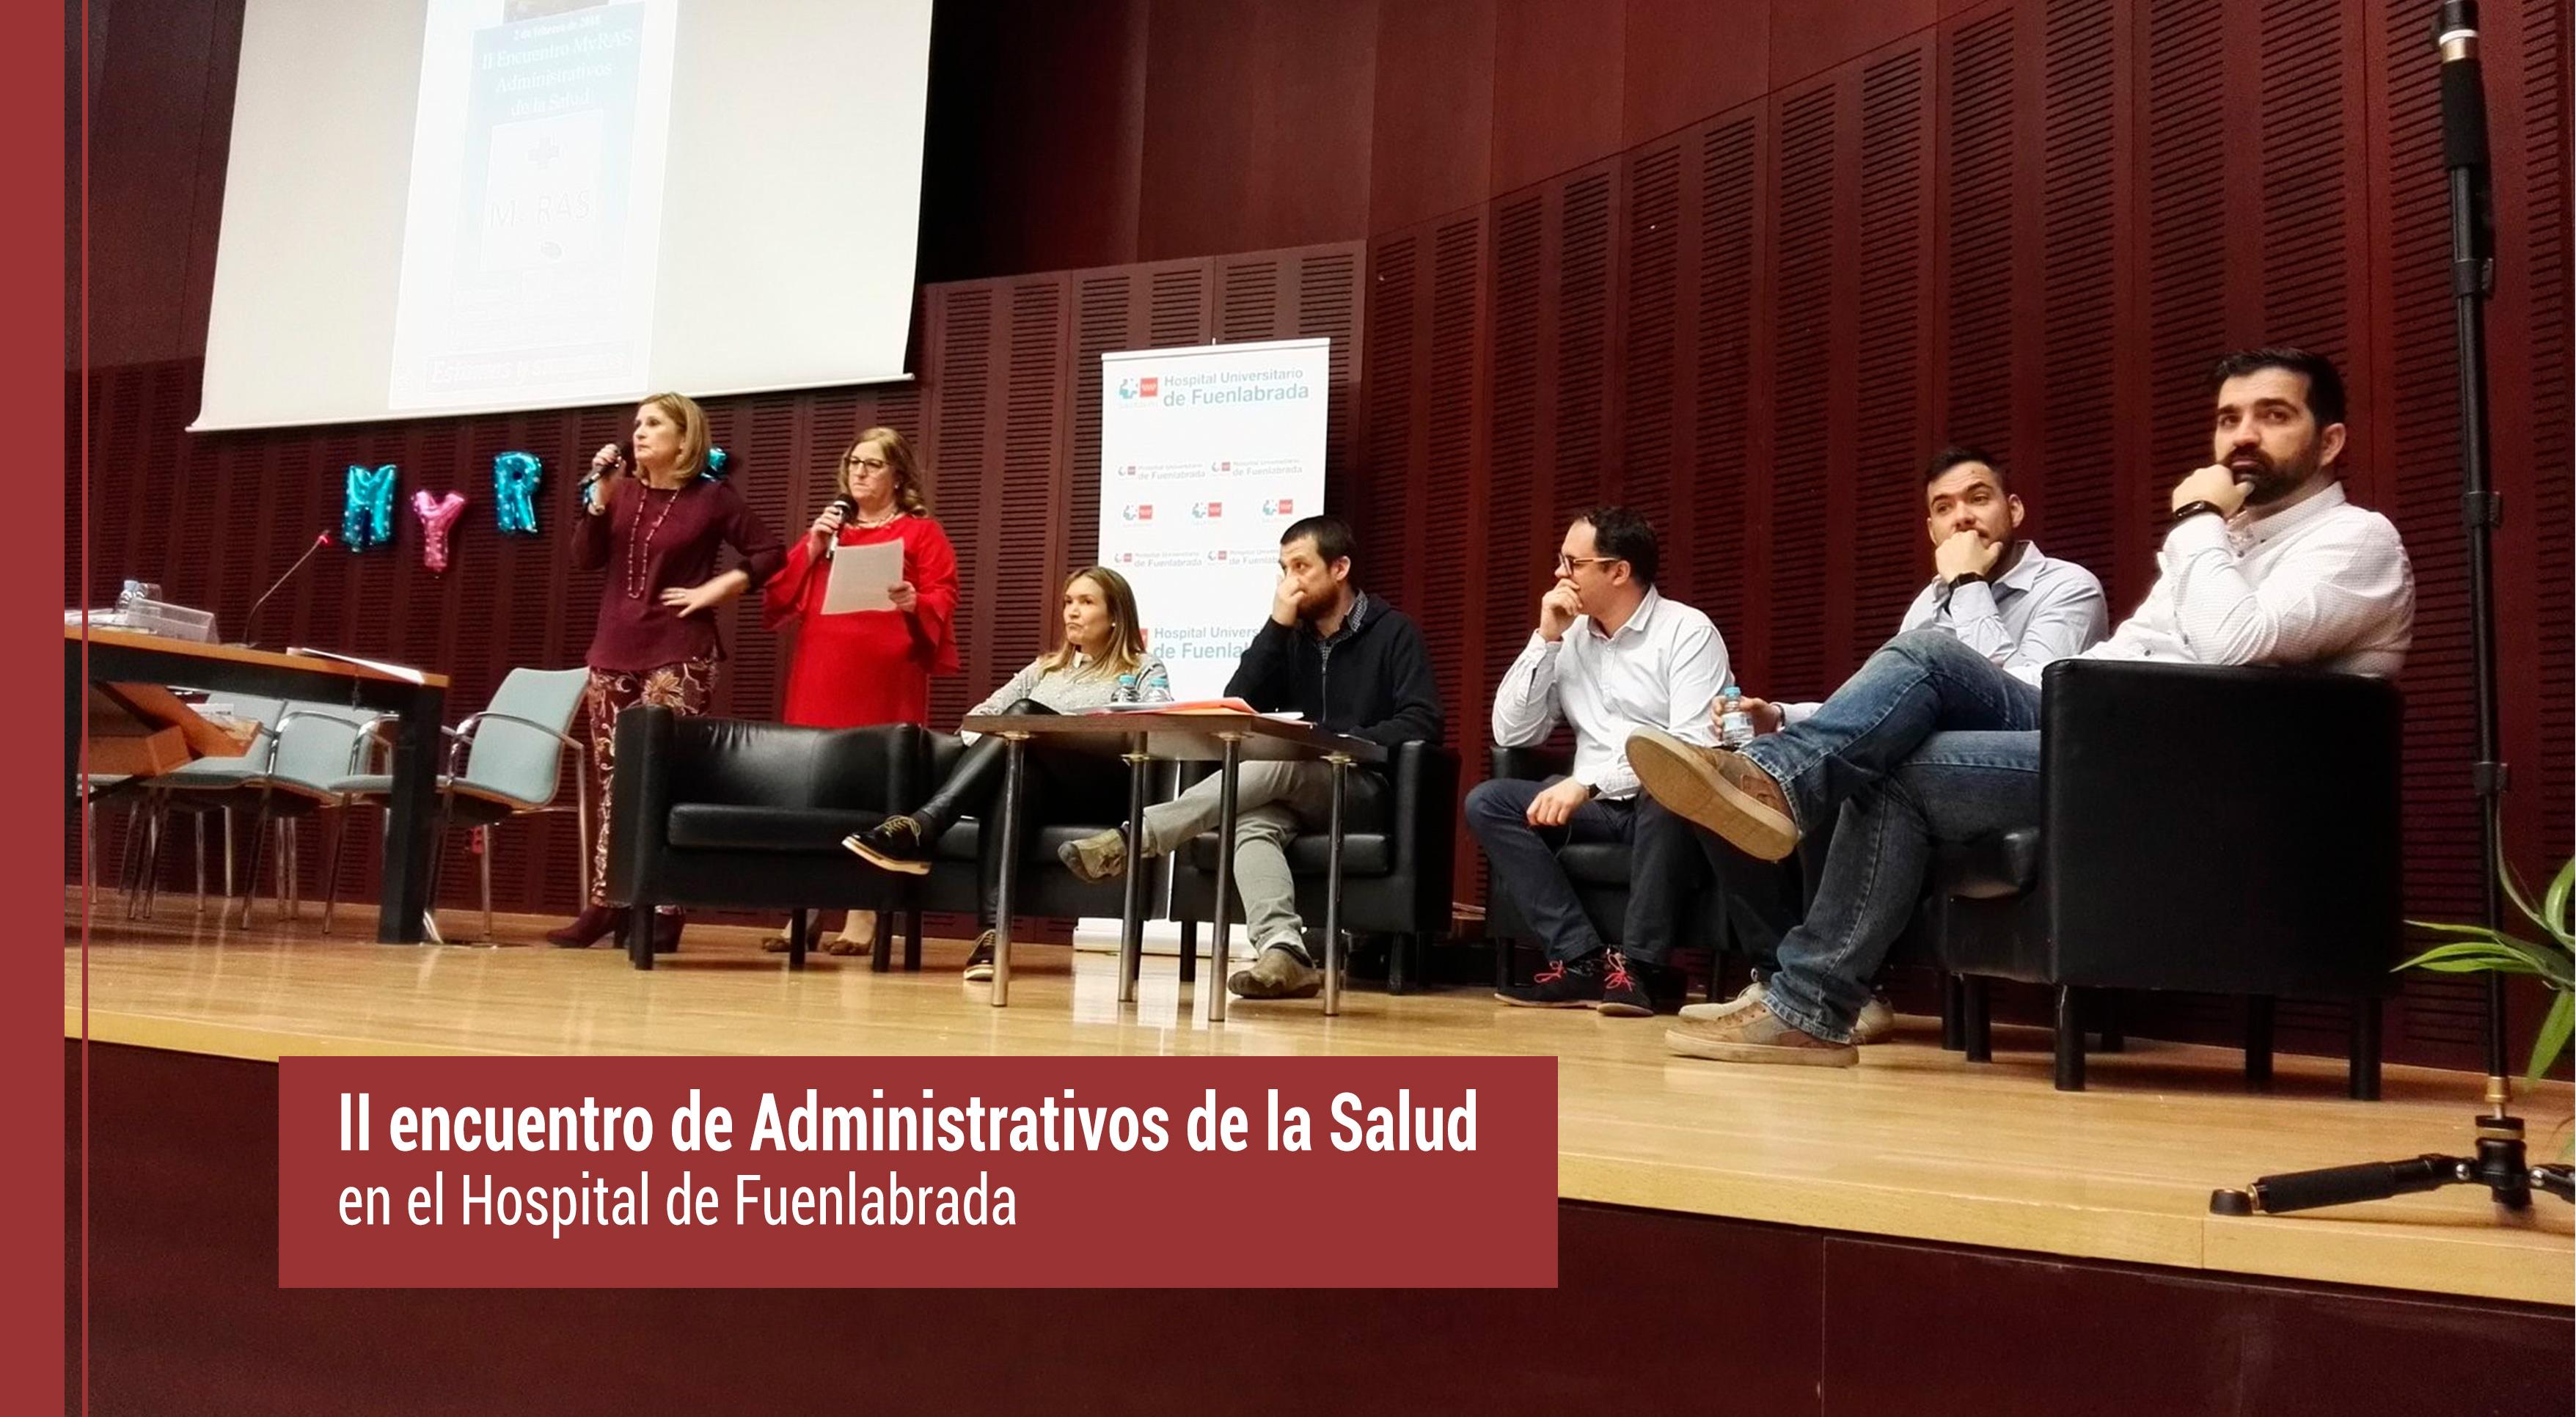 II encuentro de Administrativos de la Salud en el Hospital de Fuenlabrada